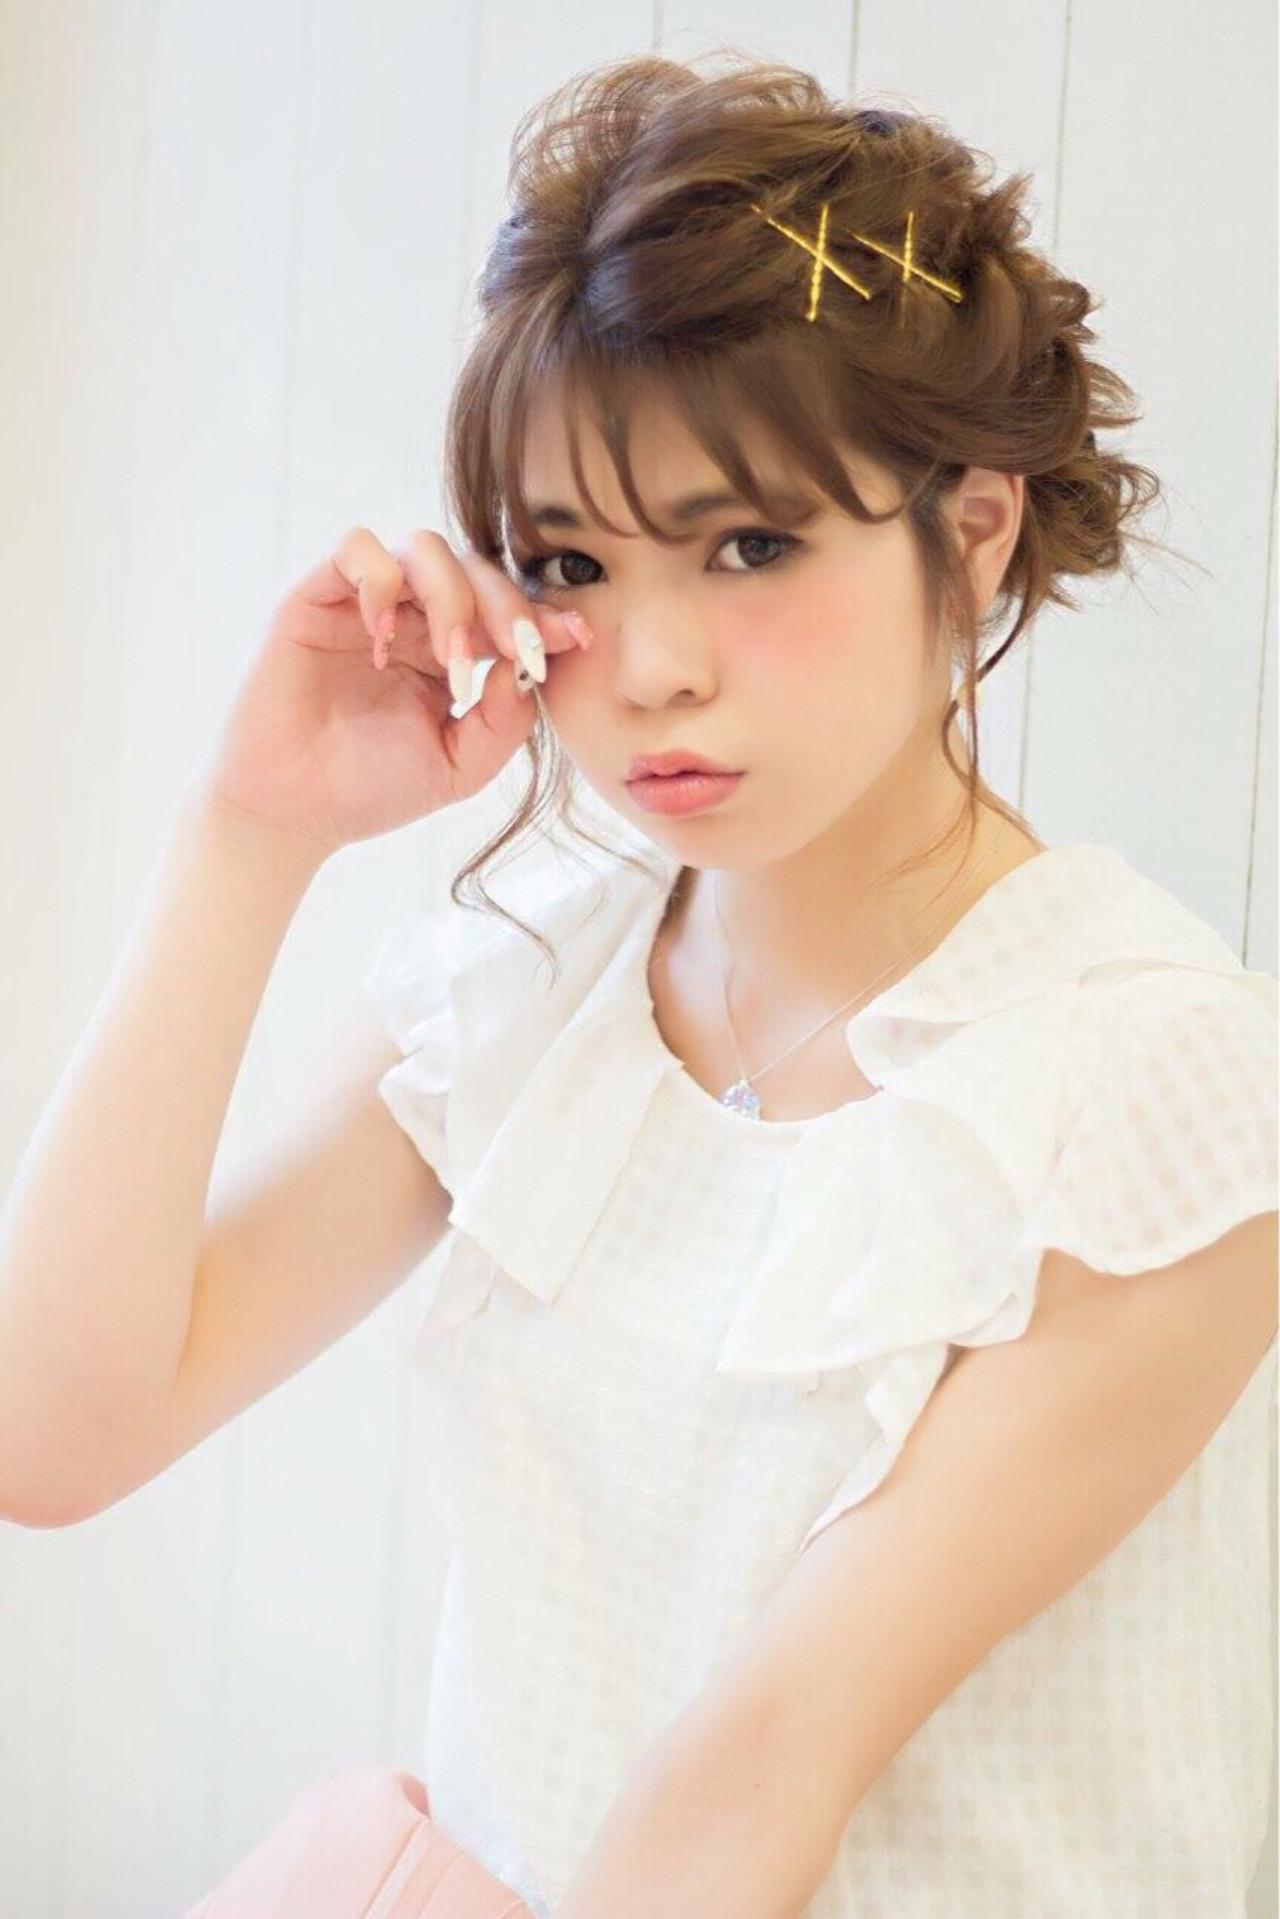 お団子 ミディアム アップスタイル モテ髪 ヘアスタイルや髪型の写真・画像